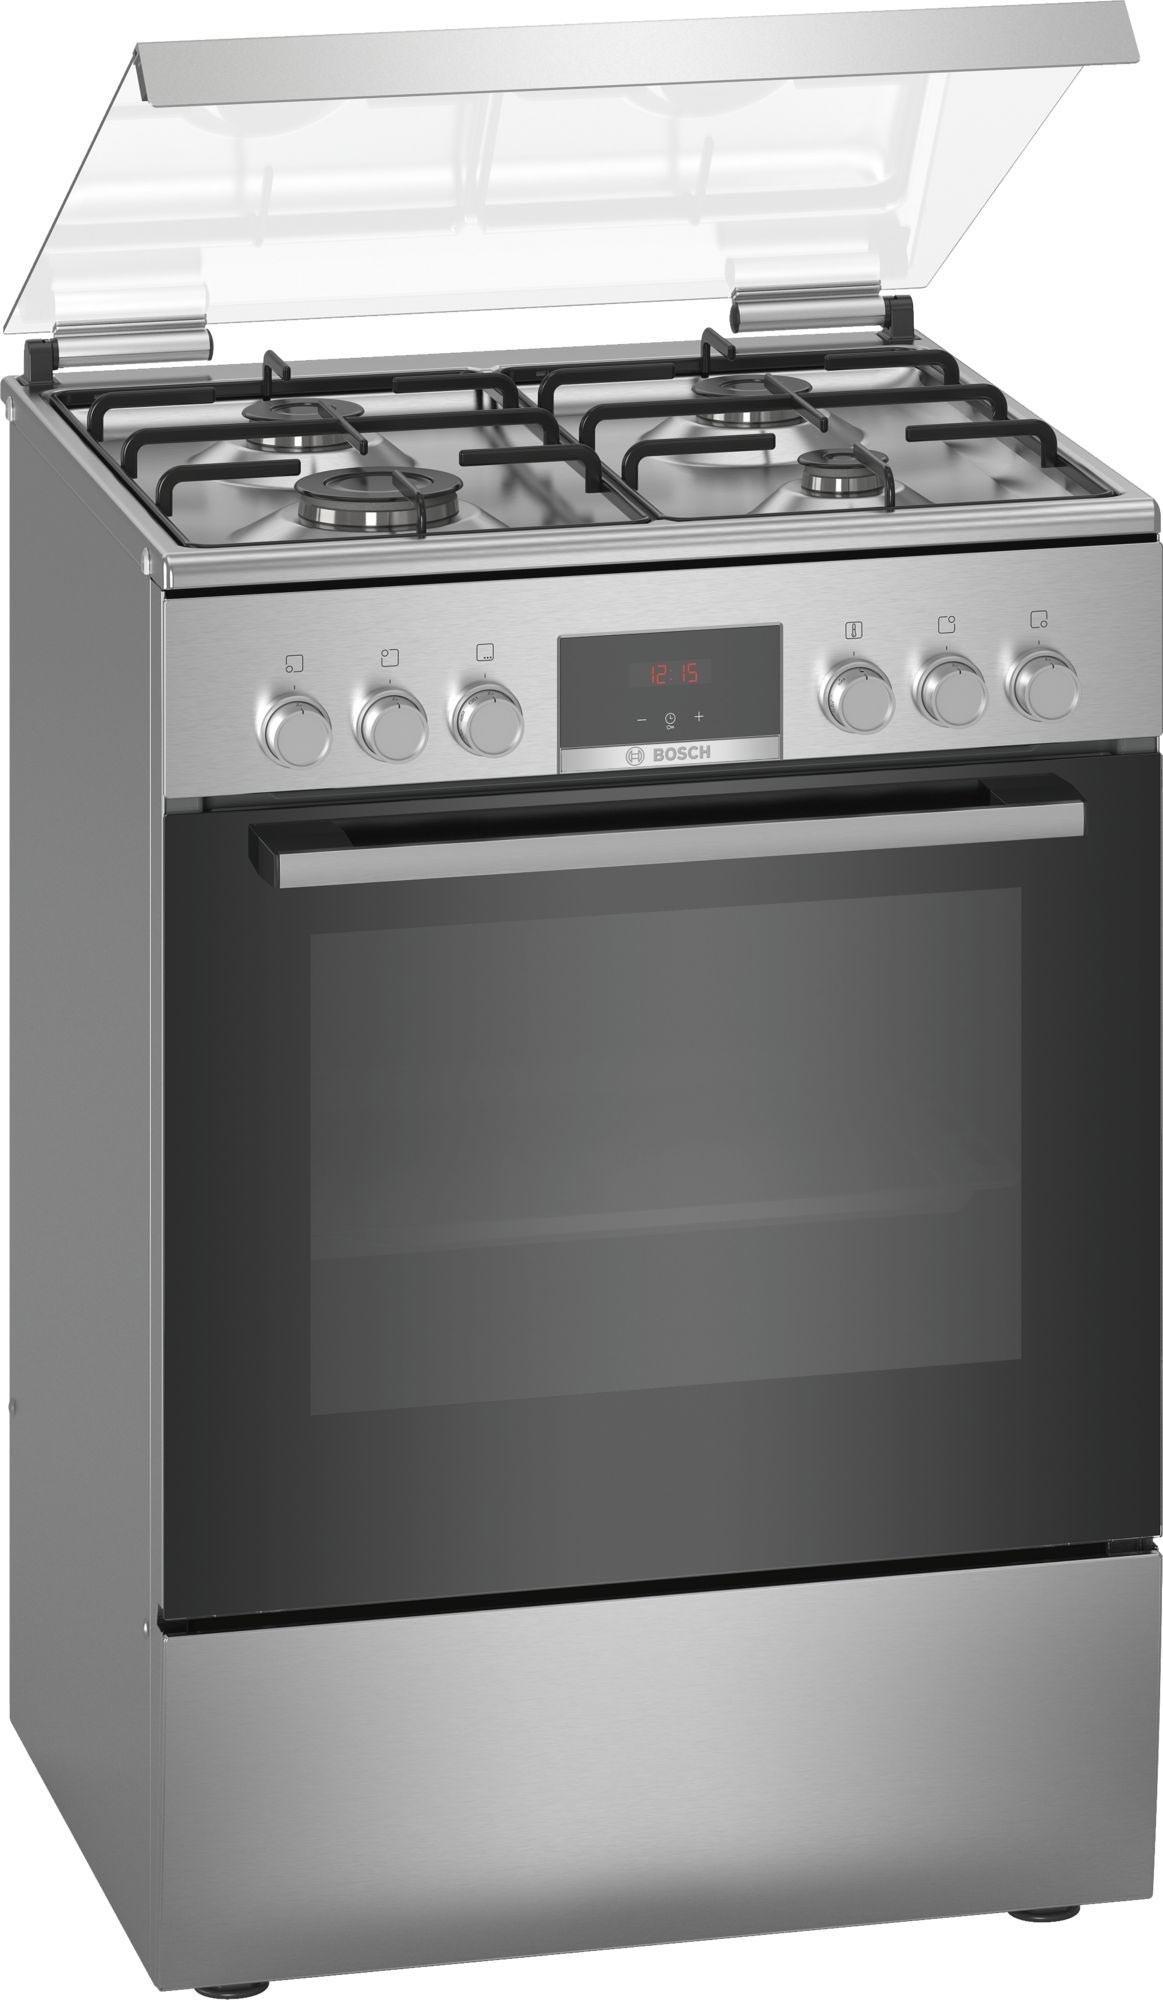 Table De Cuisson Gaz Et Electricite jean grunder - cuisinière gaz-électricité bosch hxn39ad50